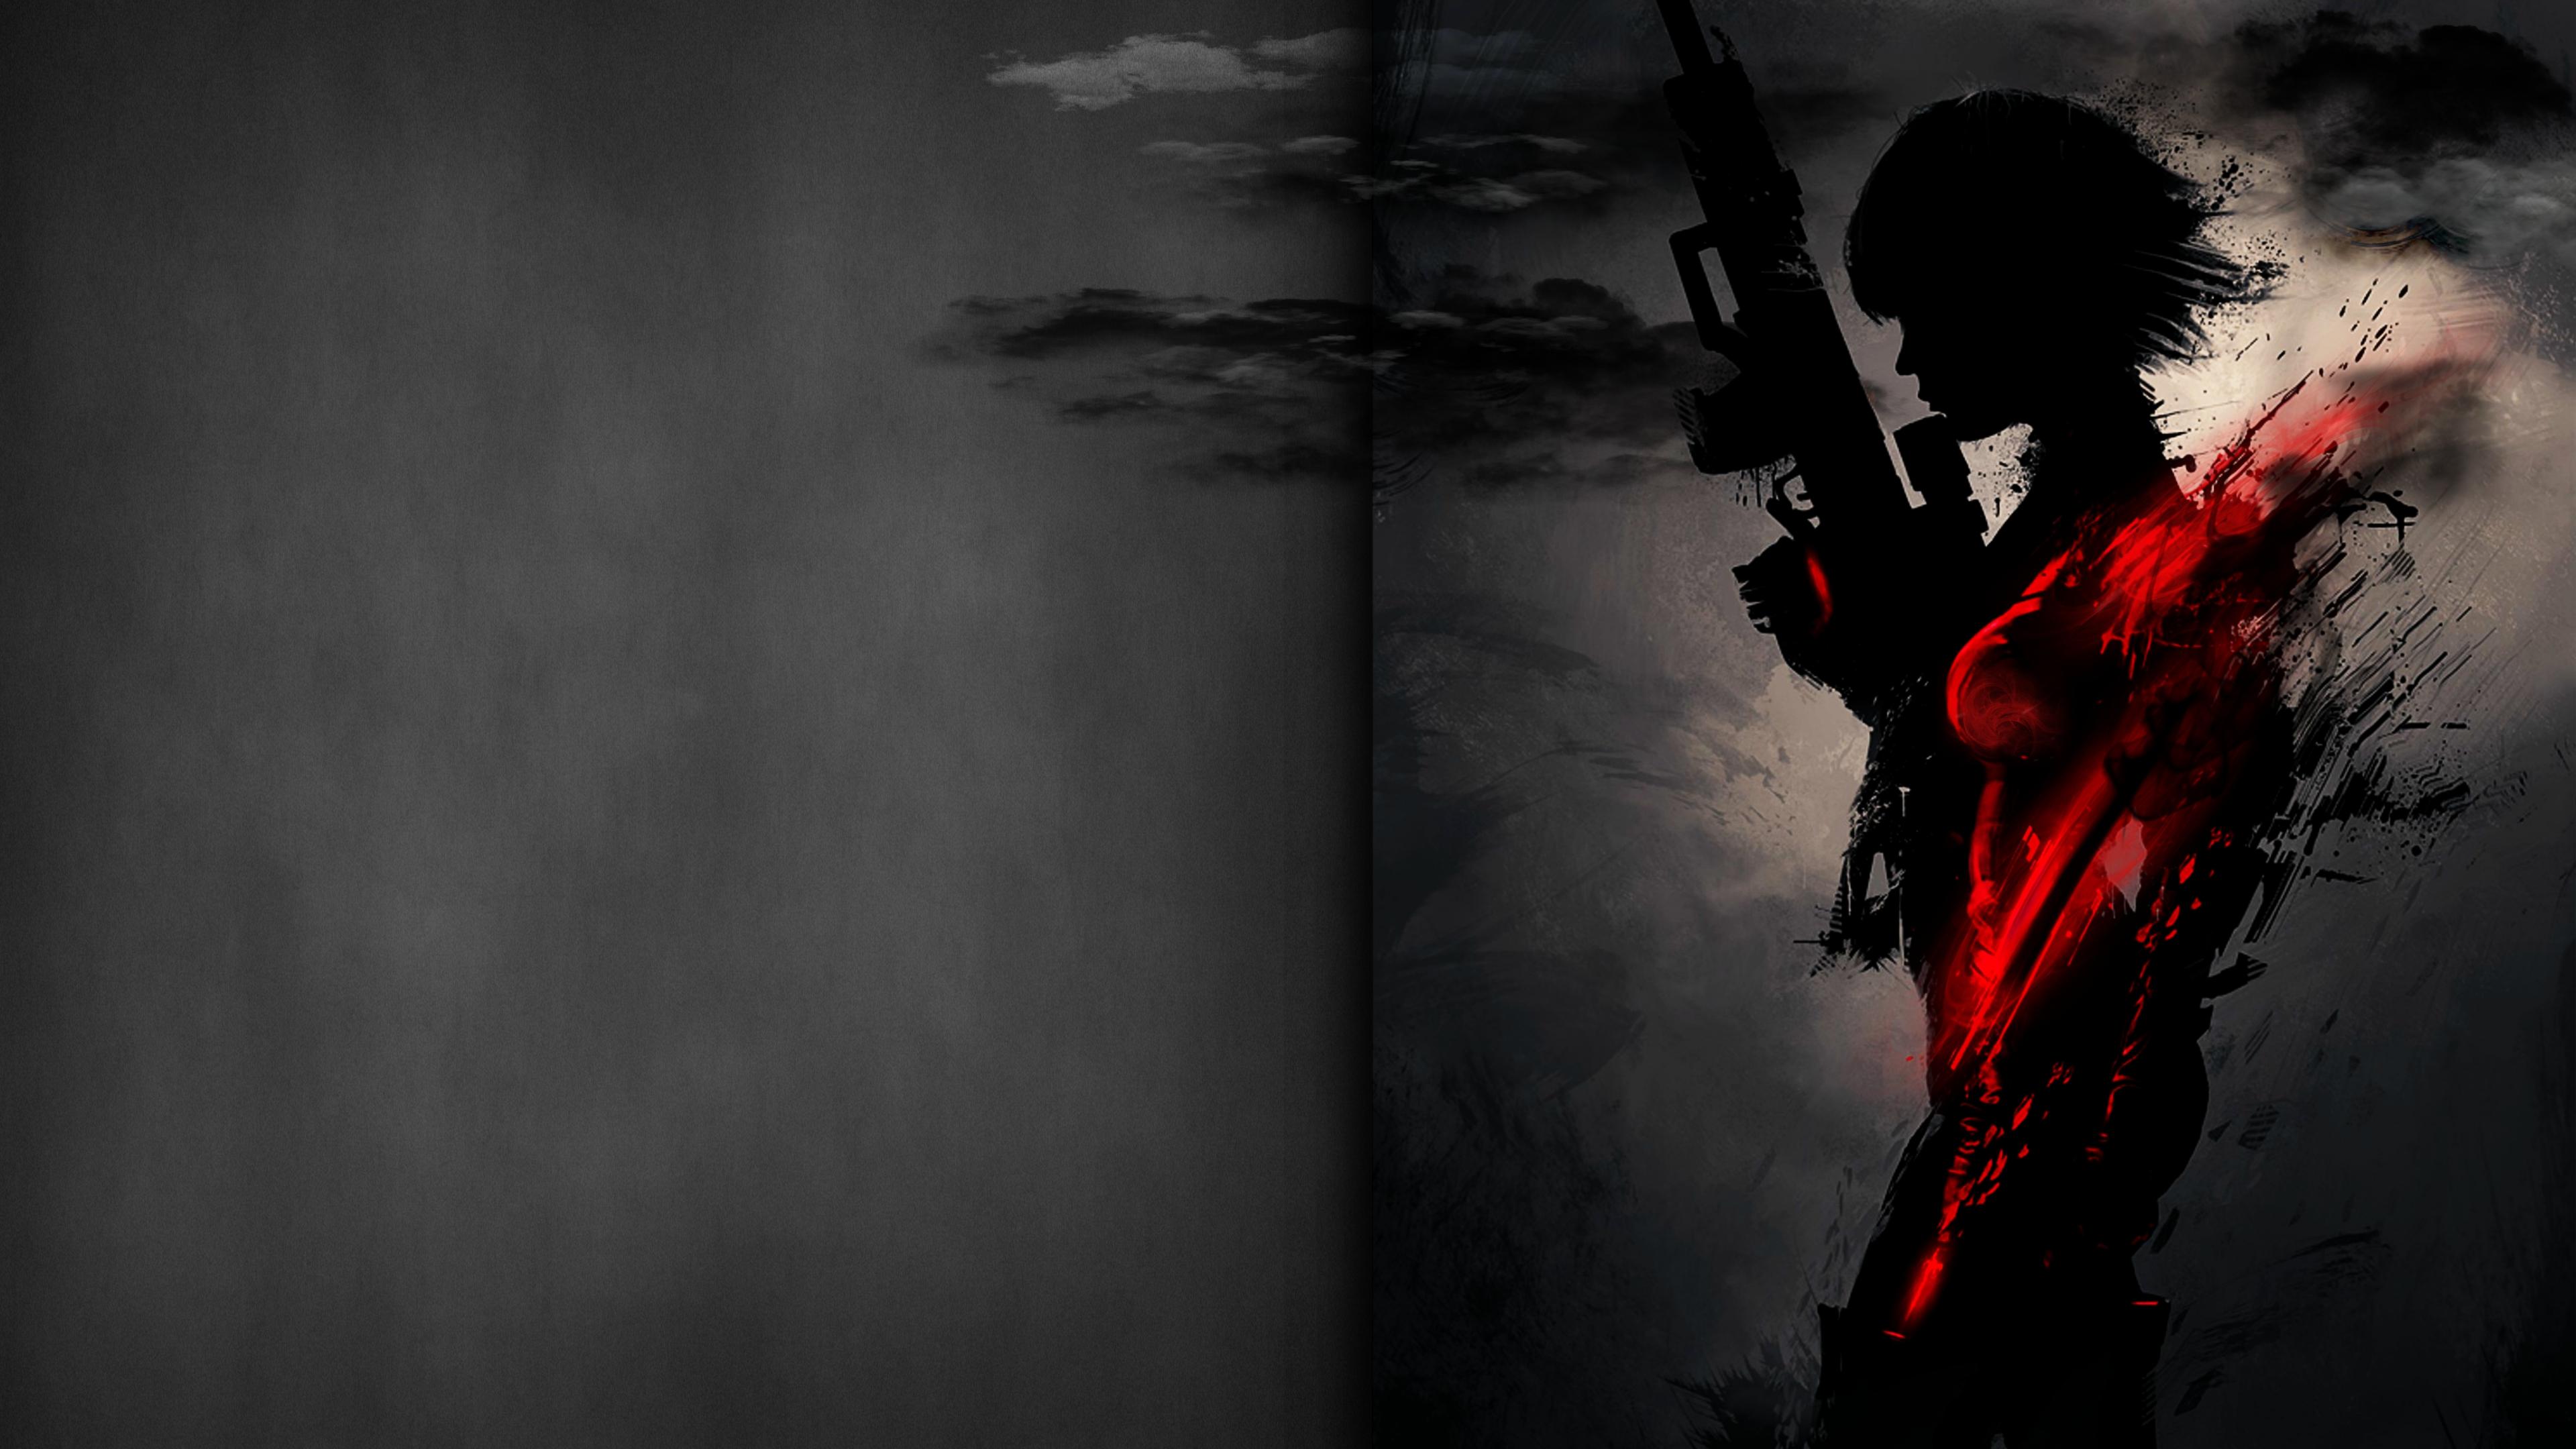 sniper artwork dark red 4k 1540754262 - Sniper Artwork Dark Red 4k - sniper wallpapers, hd-wallpapers, digital art wallpapers, deviantart wallpapers, artwork wallpapers, artist wallpapers, 4k-wallpapers